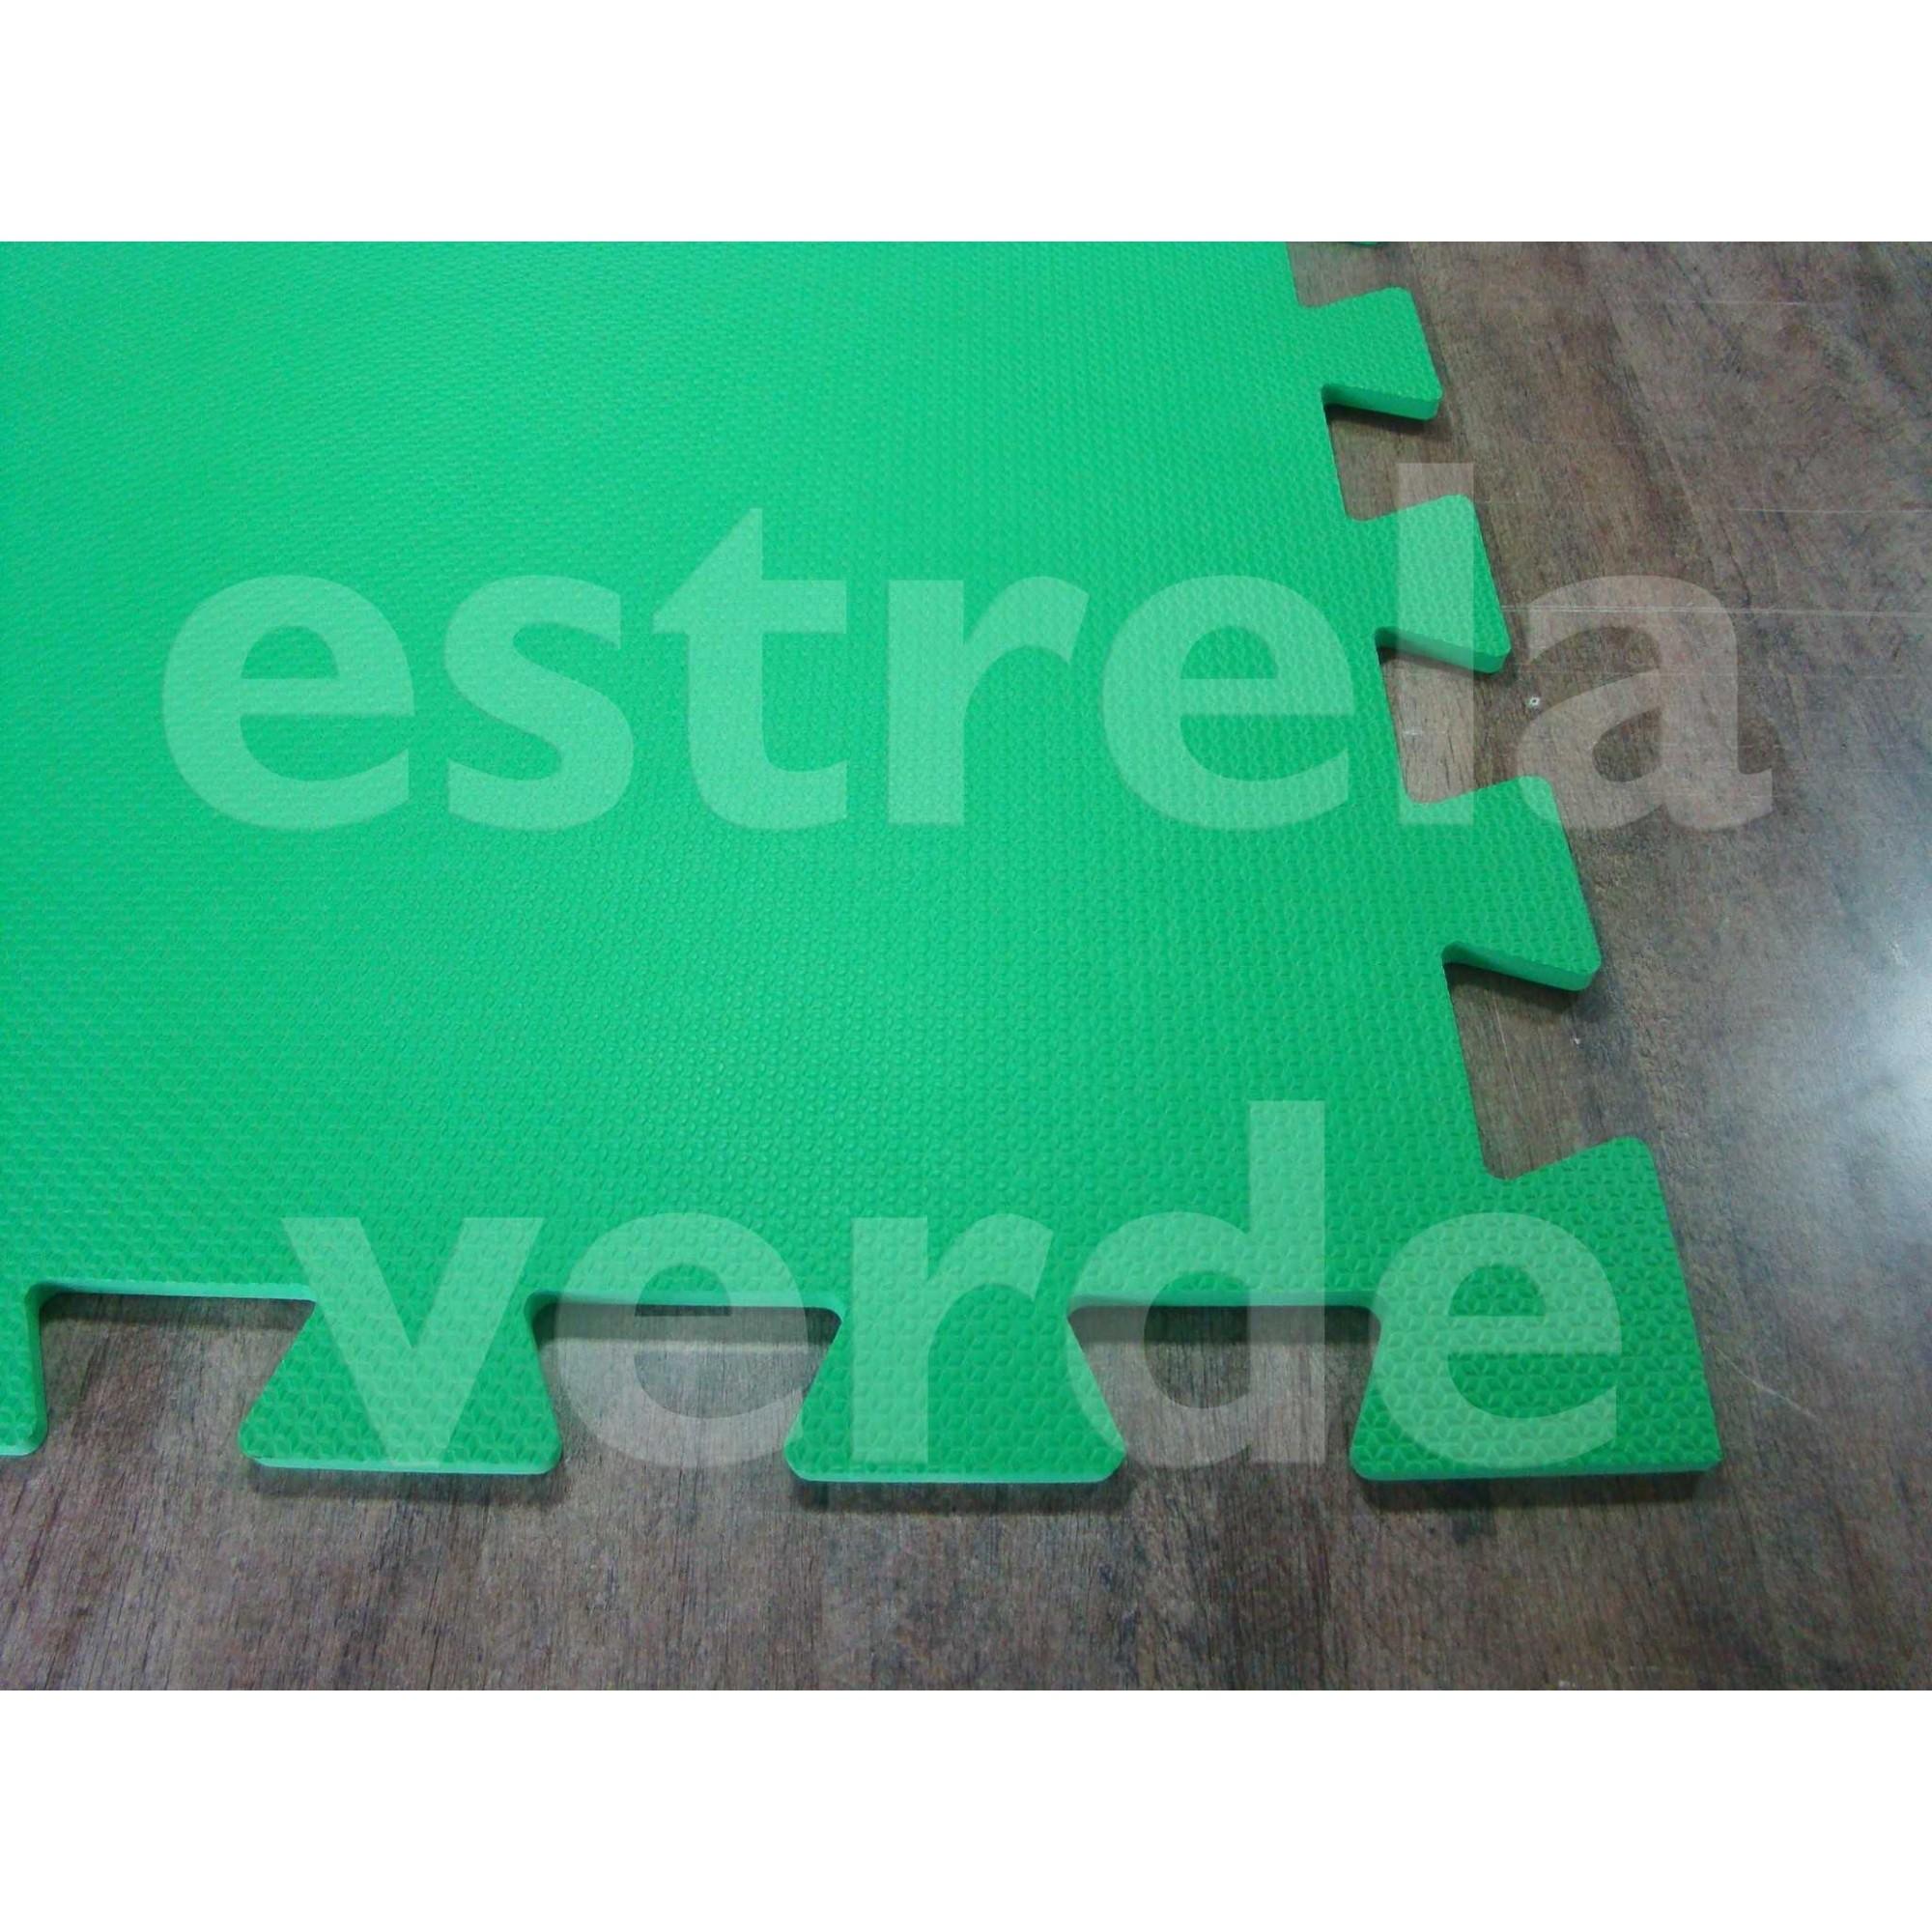 EVA TATAME 10MM VERDE BANDEIRA  - Estrela Verde